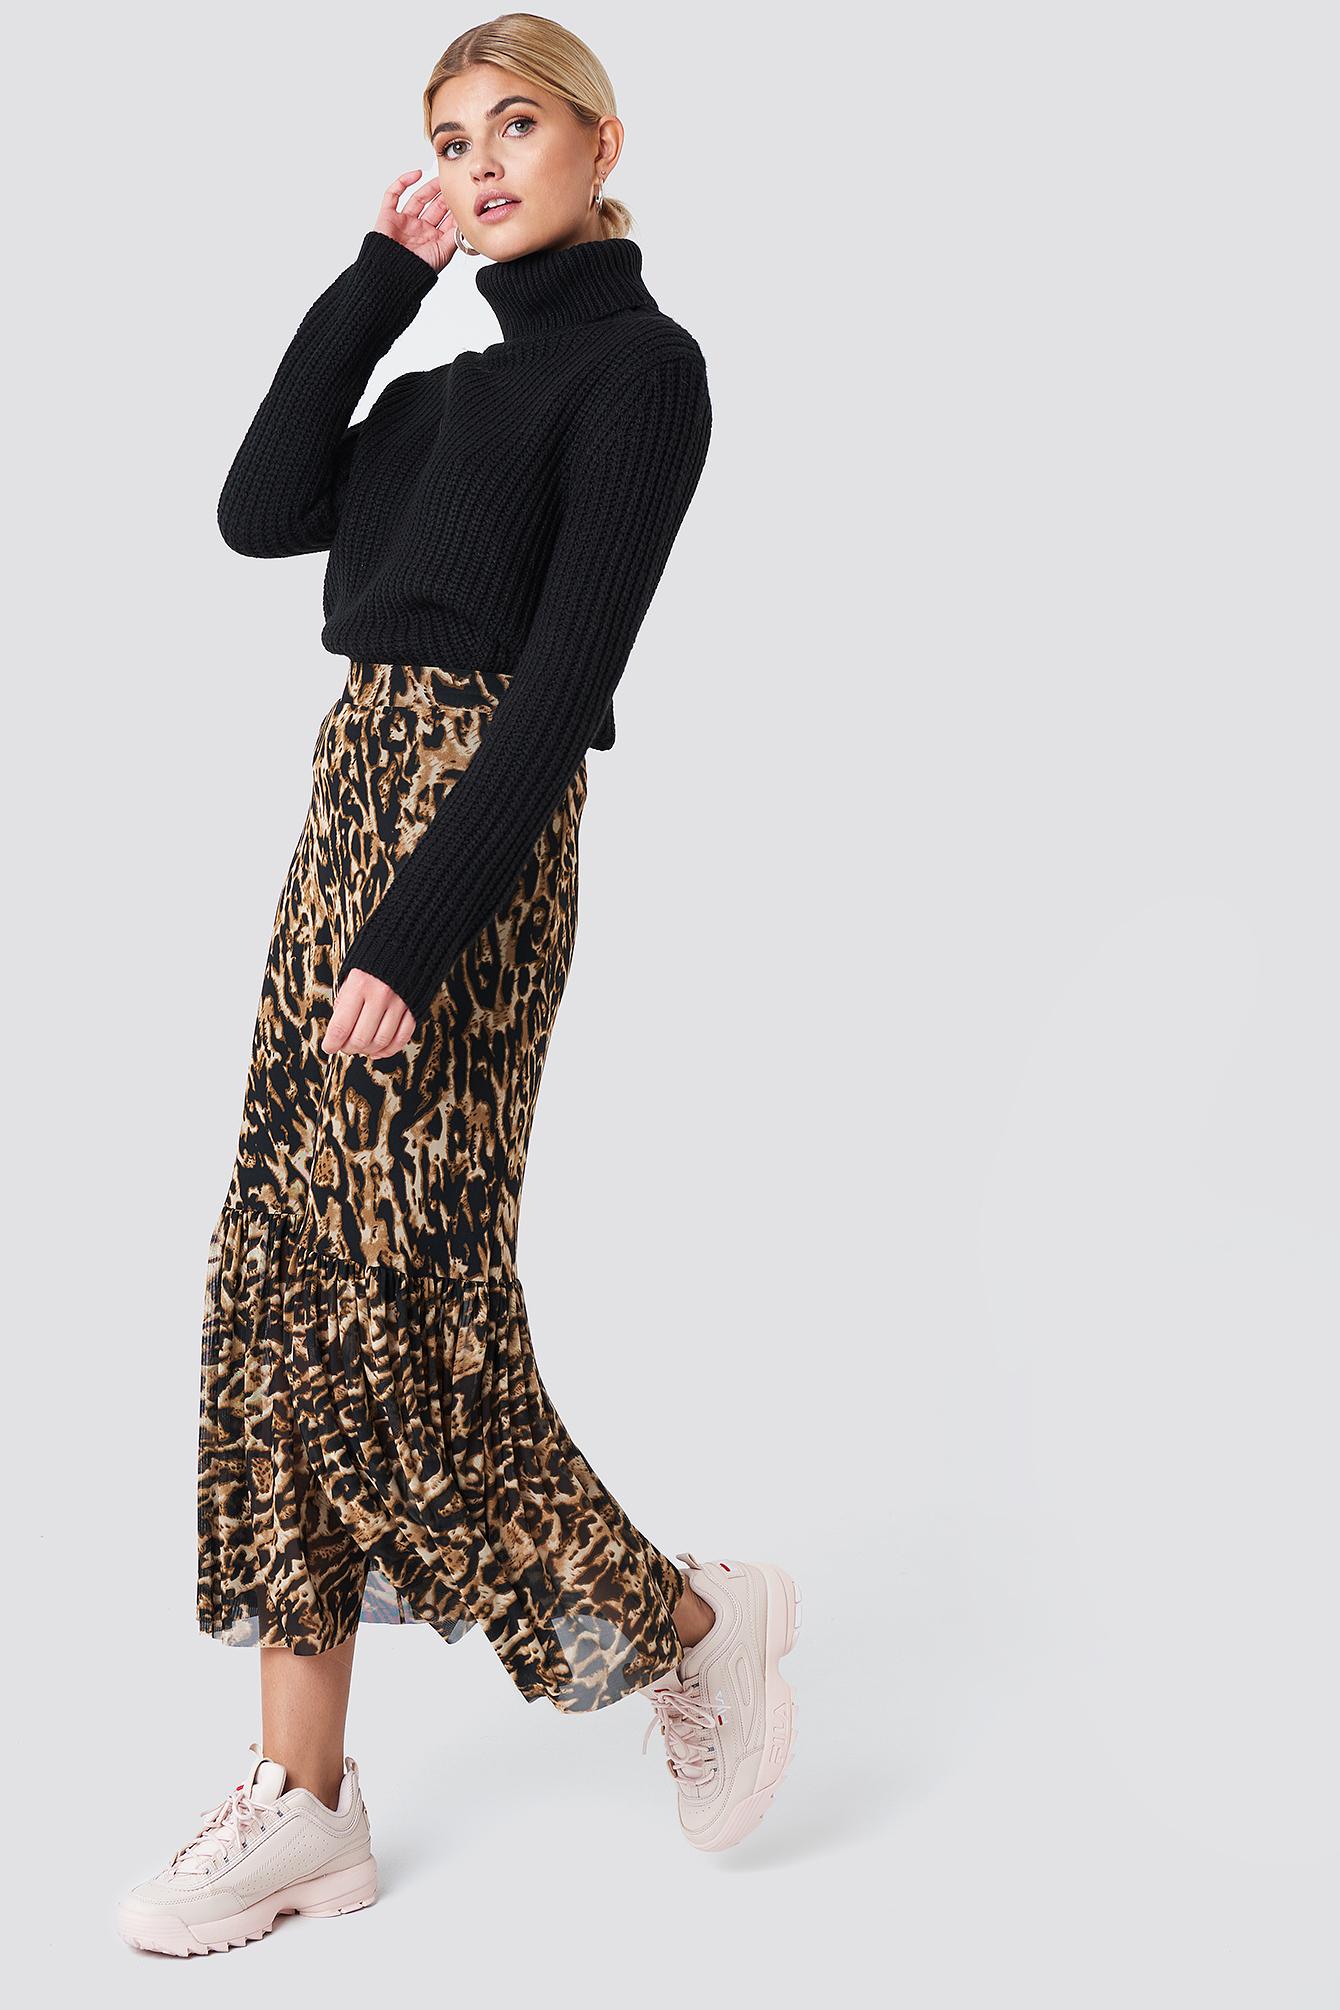 6c25de2c sort genser med høy hals, svart stikkegenser fra Rut & Circle